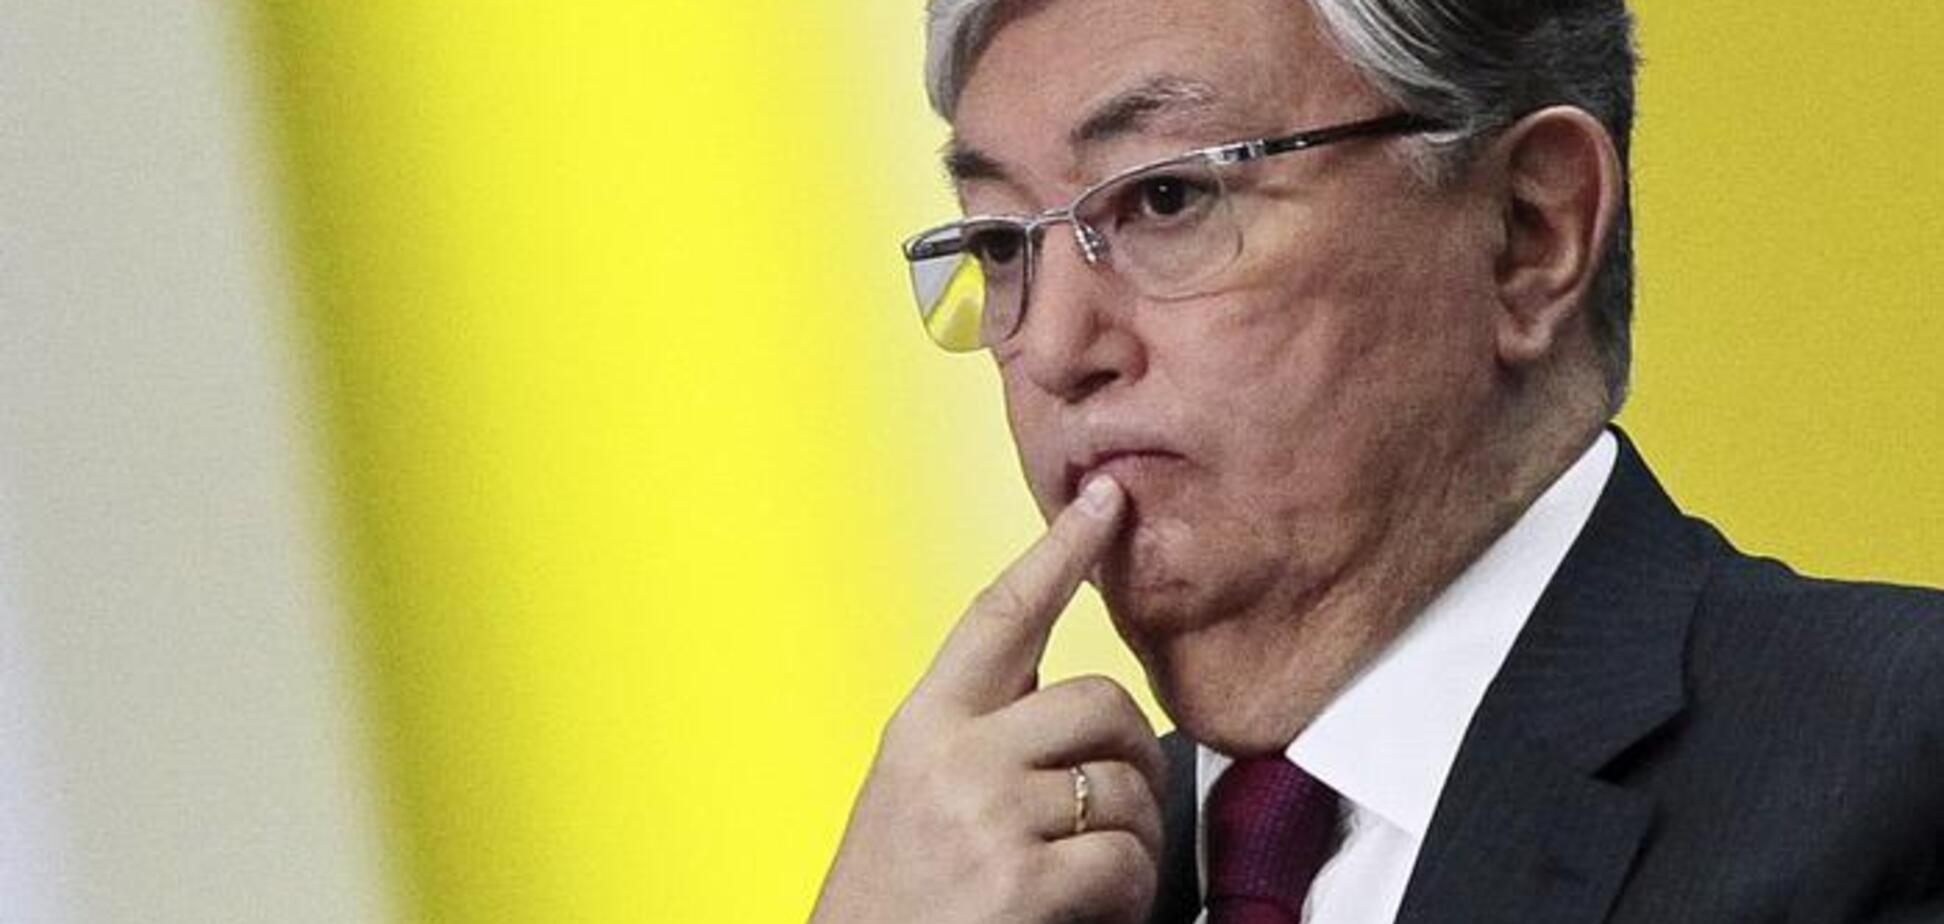 'Украинцы заслужили': президент Казахстана отличился лицемерным заявлением об Украине